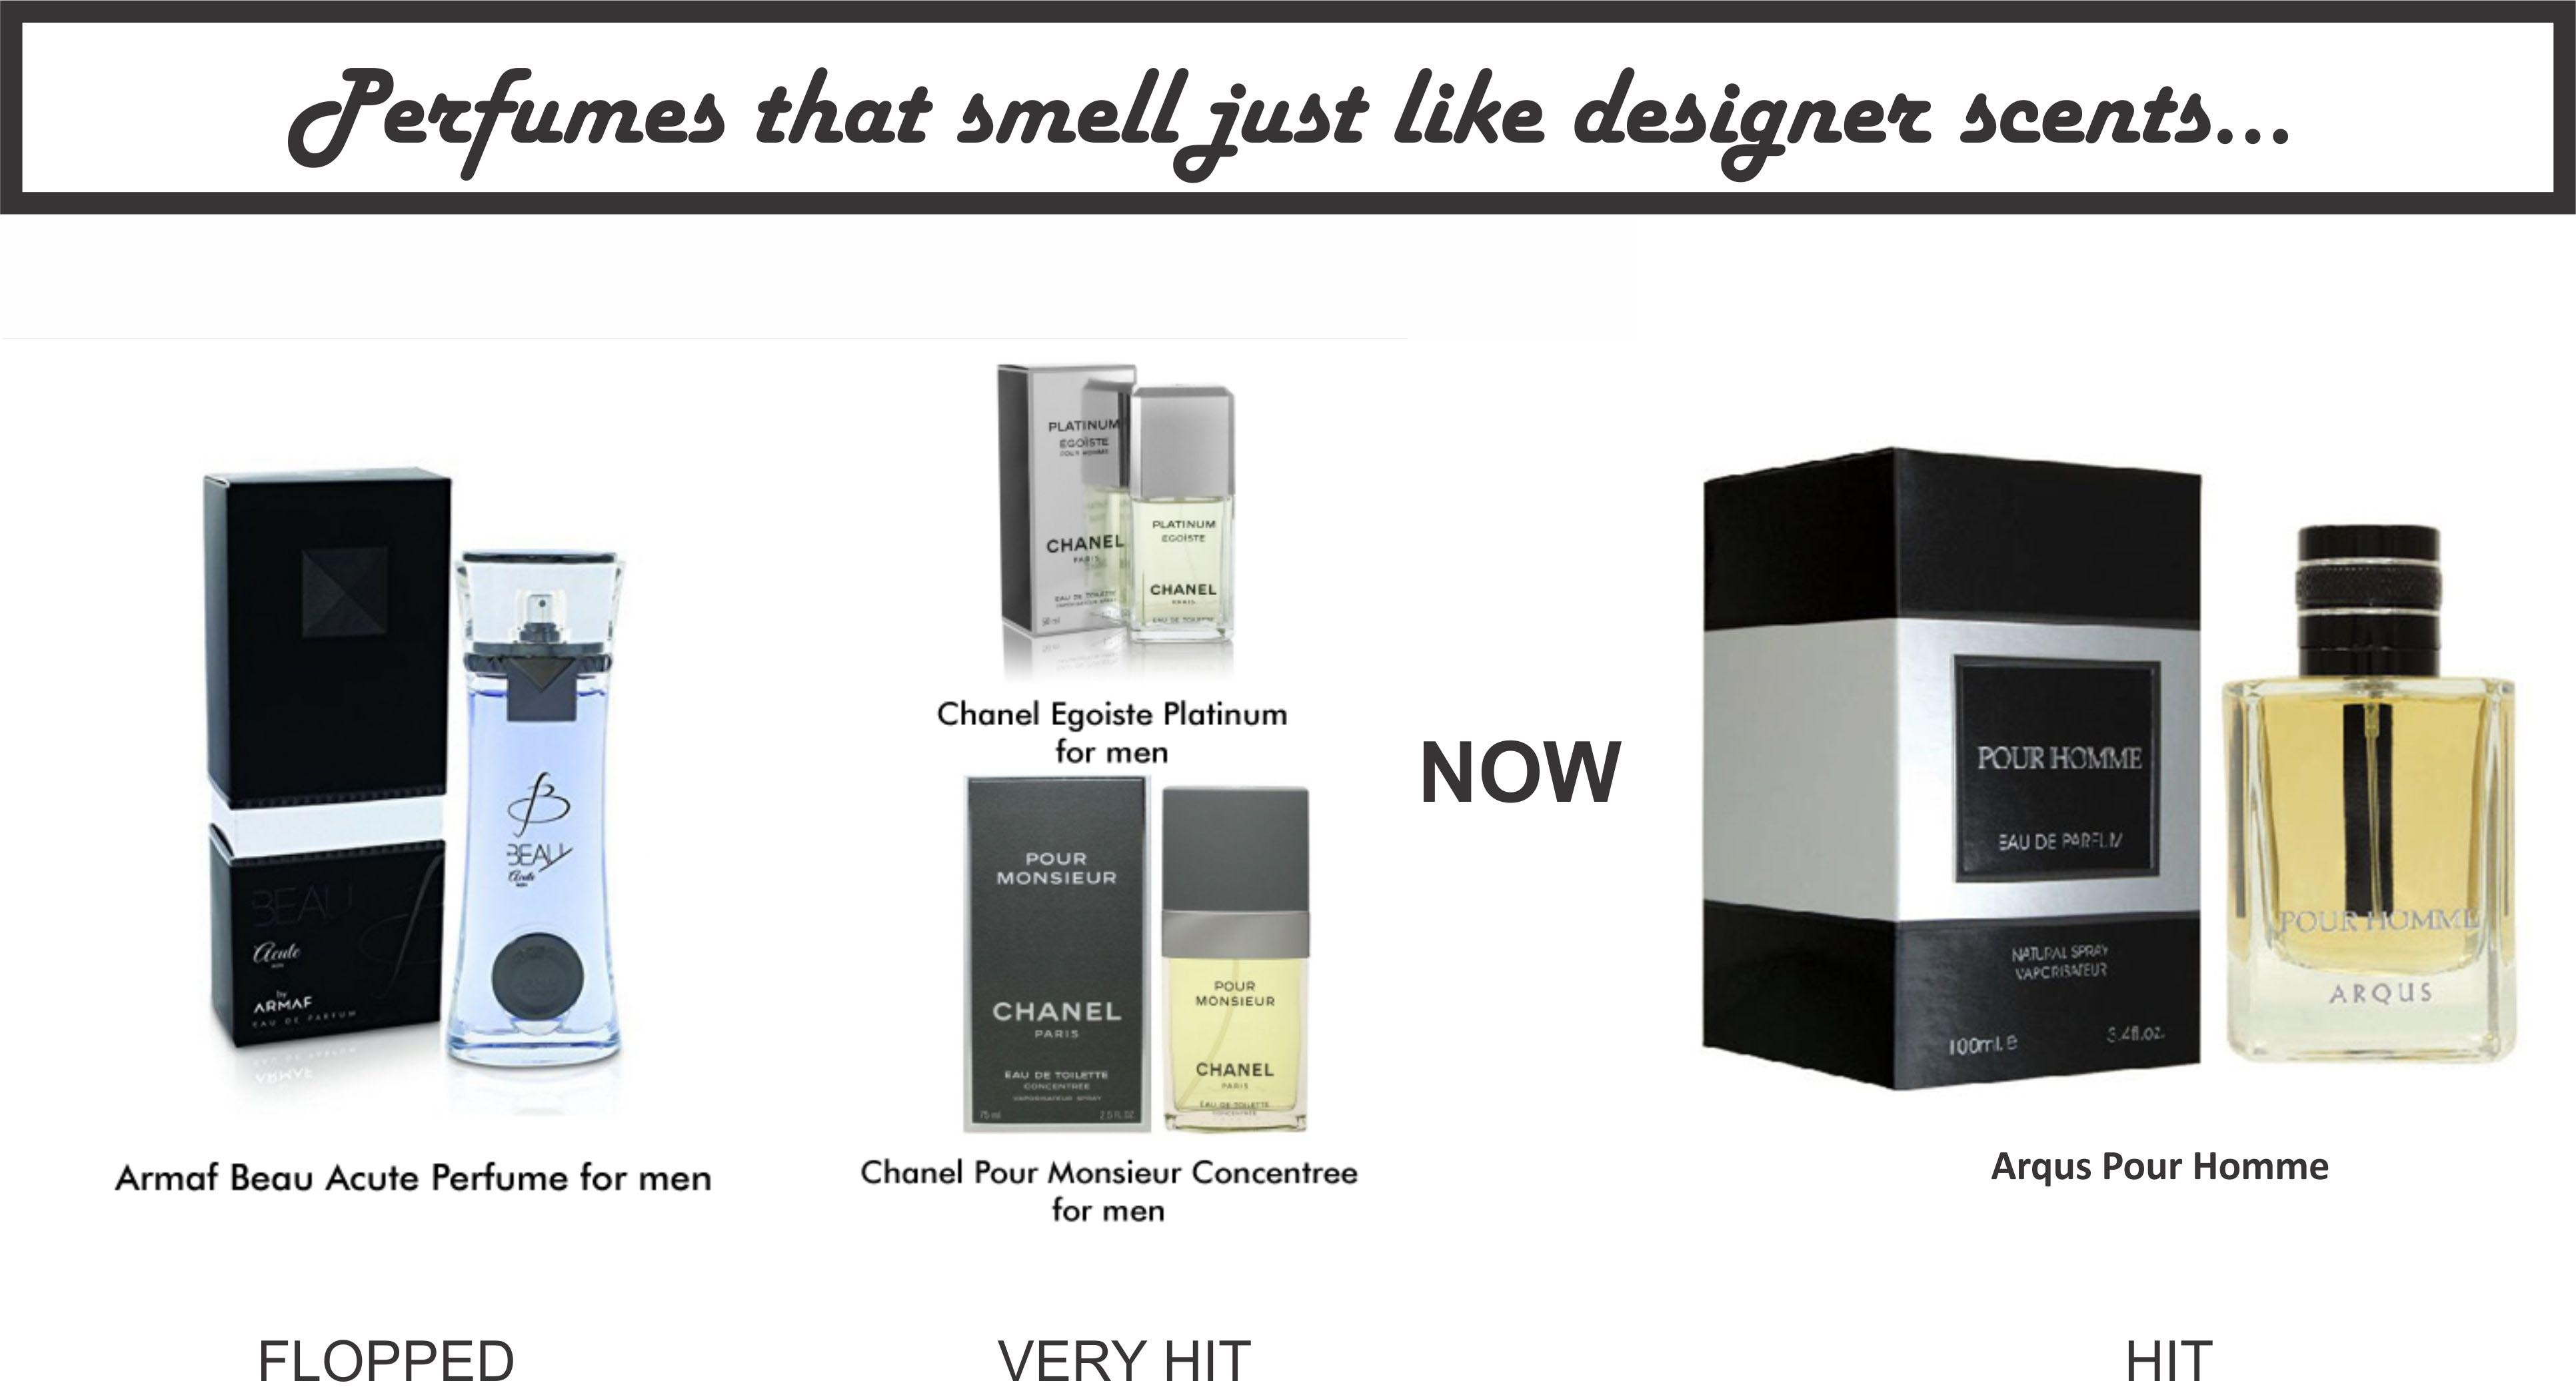 armaf-beau-acute-perfume-chanel-egoiste-platinum-chanel-pour-monsieur-concentree-arqus-pour-homme-for-men-100-ml-edp-by-lattafa-perfumes